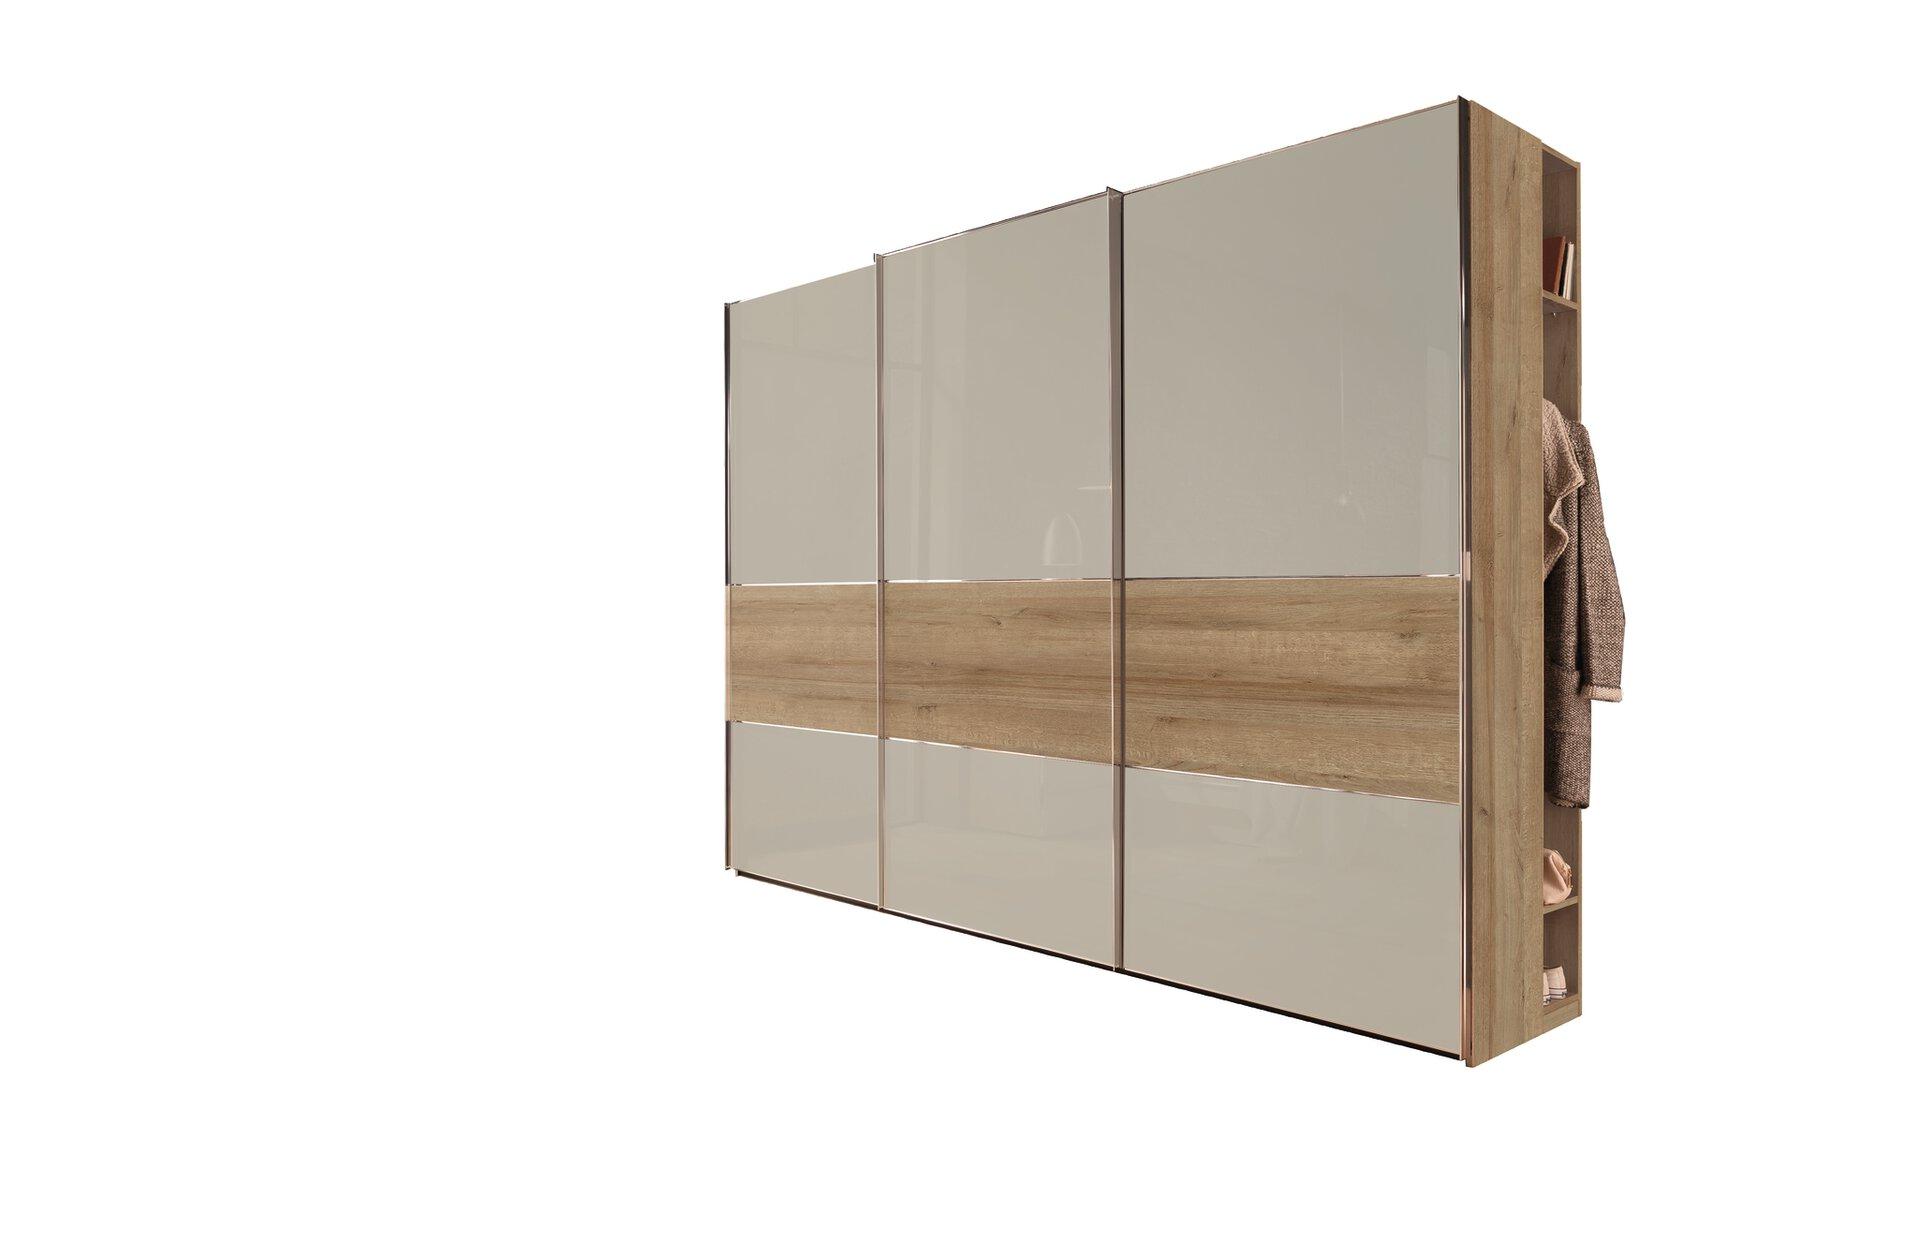 Schwebetürenschrank MARCATO 2.4 Nolte G. Holzwerkstoff 69 x 223 x 240 cm